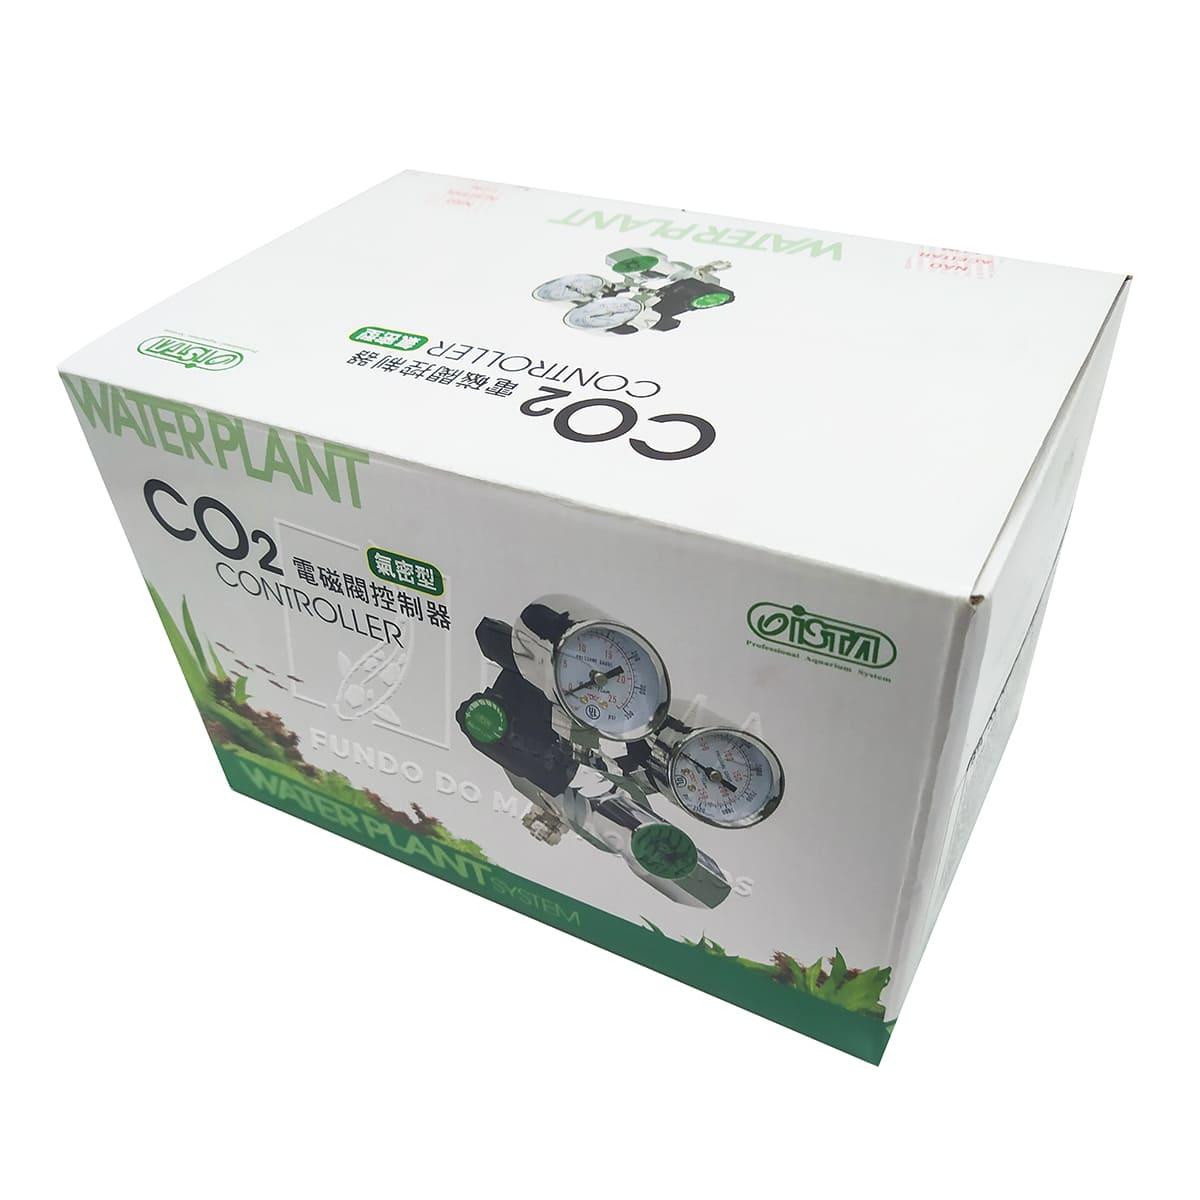 Válvula Solenóide Co2 Ista I-533 Aquários Plantados Cilindro